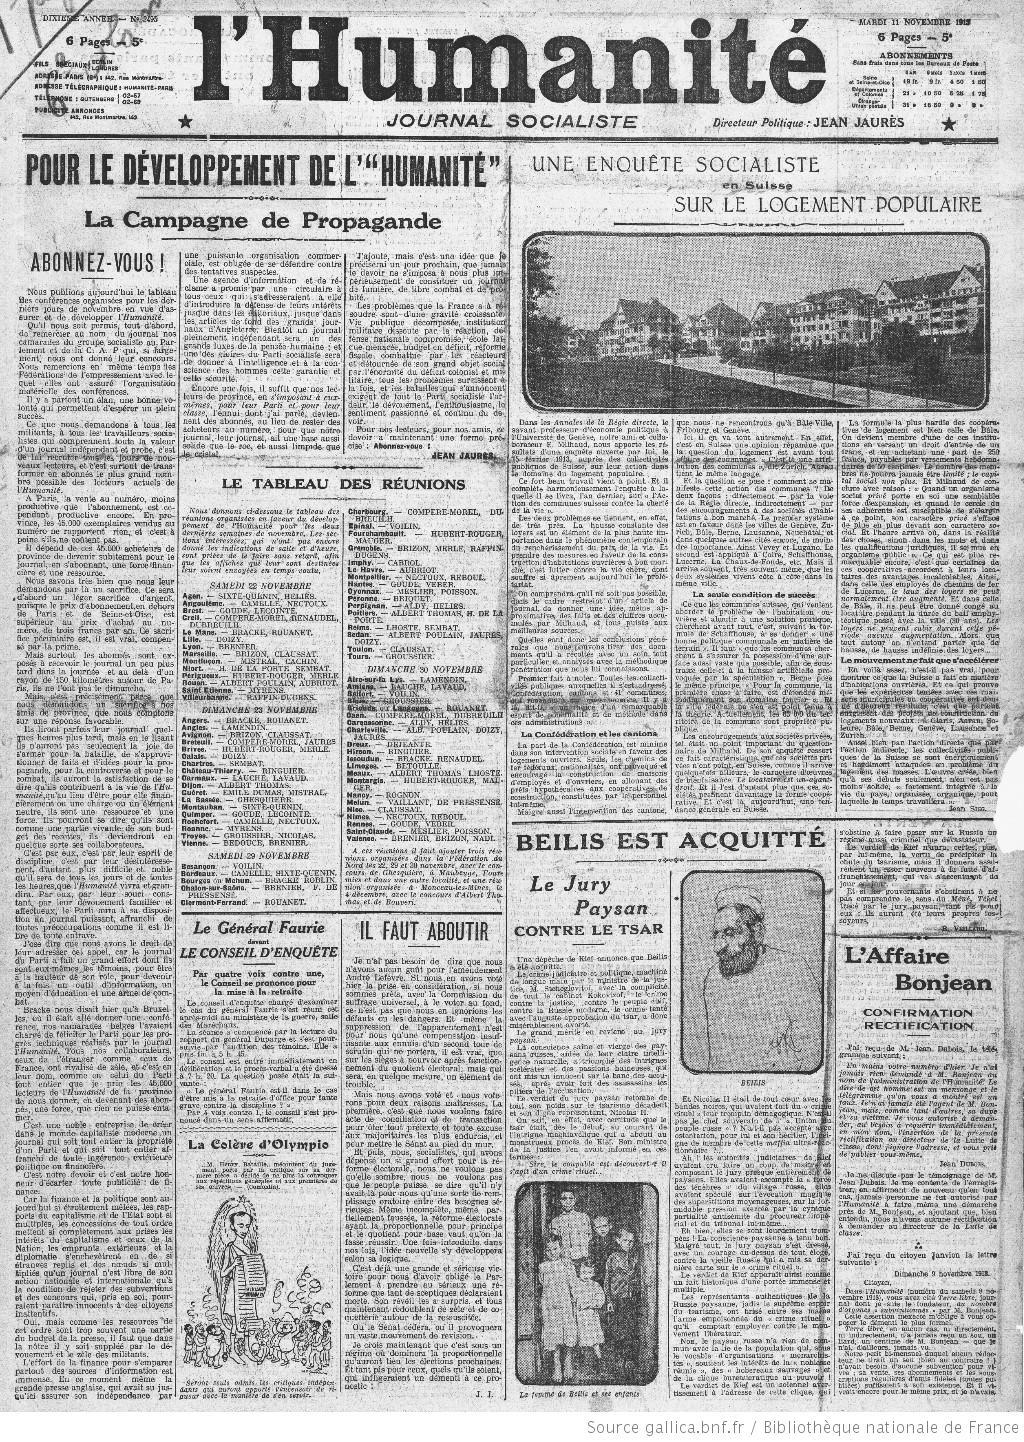 L'Humanité, 11 novembre 1913. Article de jaurès :